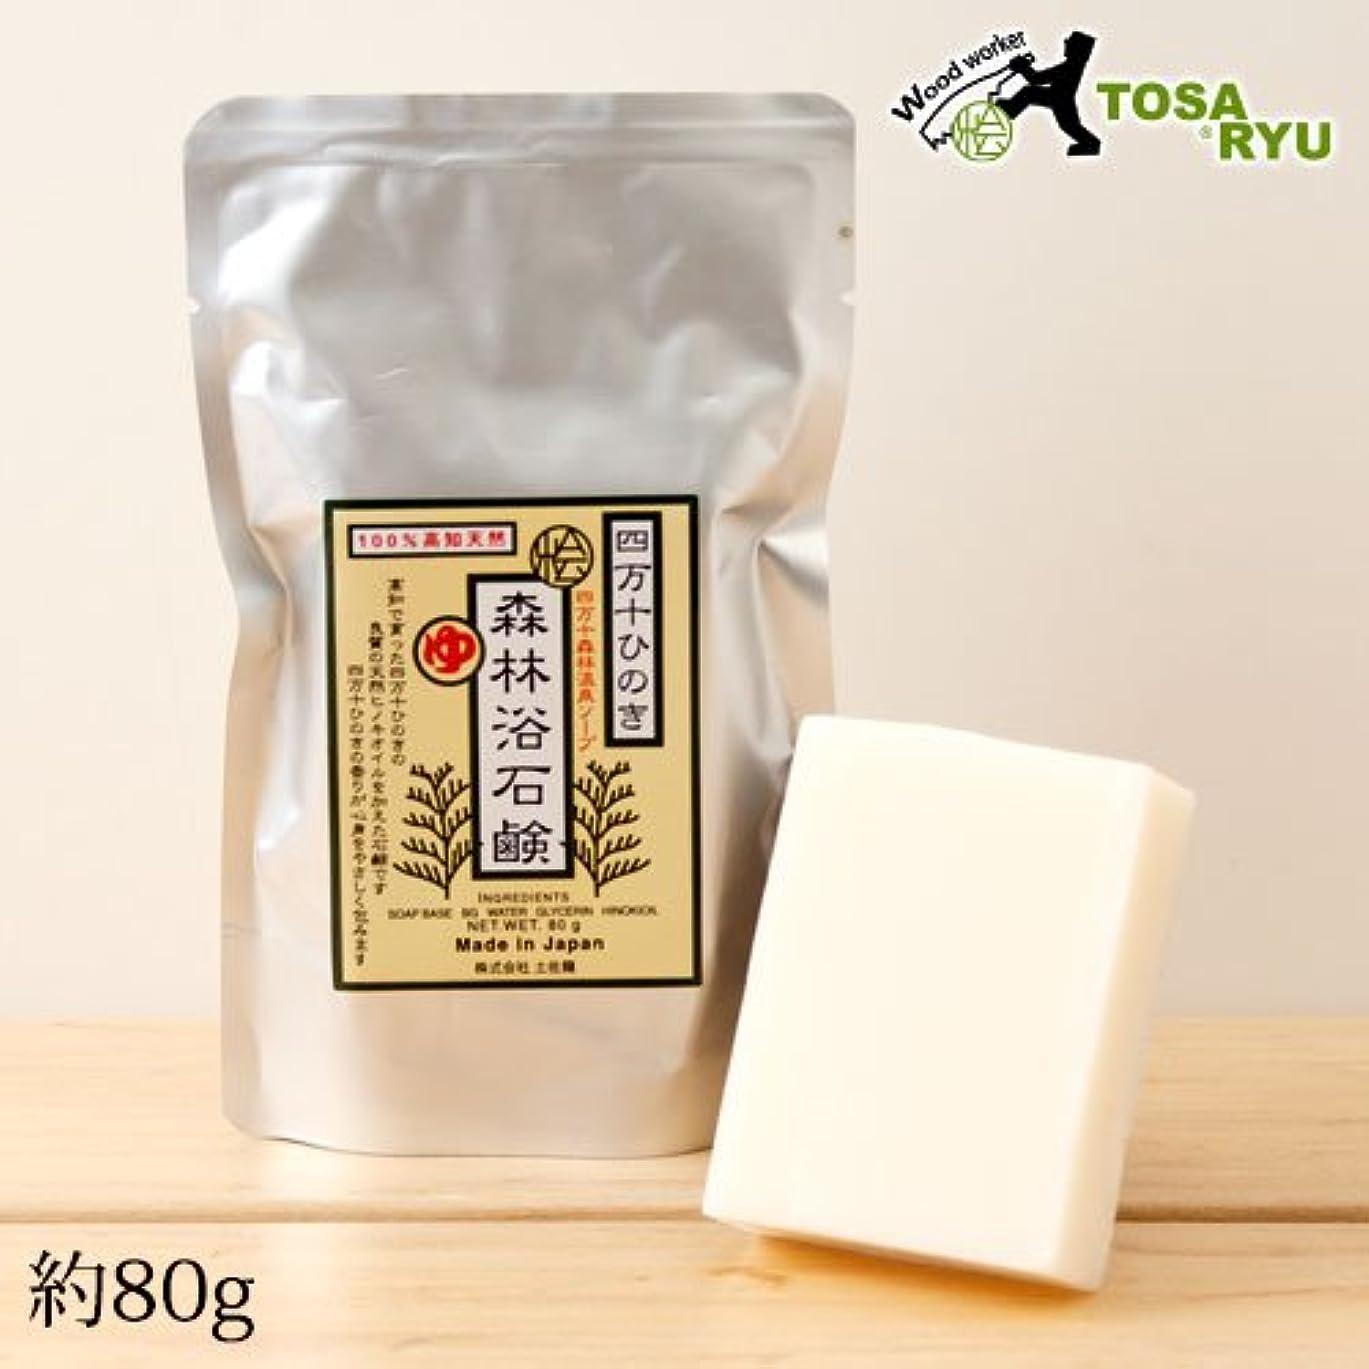 橋脚銅素晴らしい良い多くの土佐龍四万十森林温泉石鹸ひのきの香りのアロマソープ高知県の工芸品Aroma soap scent of cypress, Kochi craft